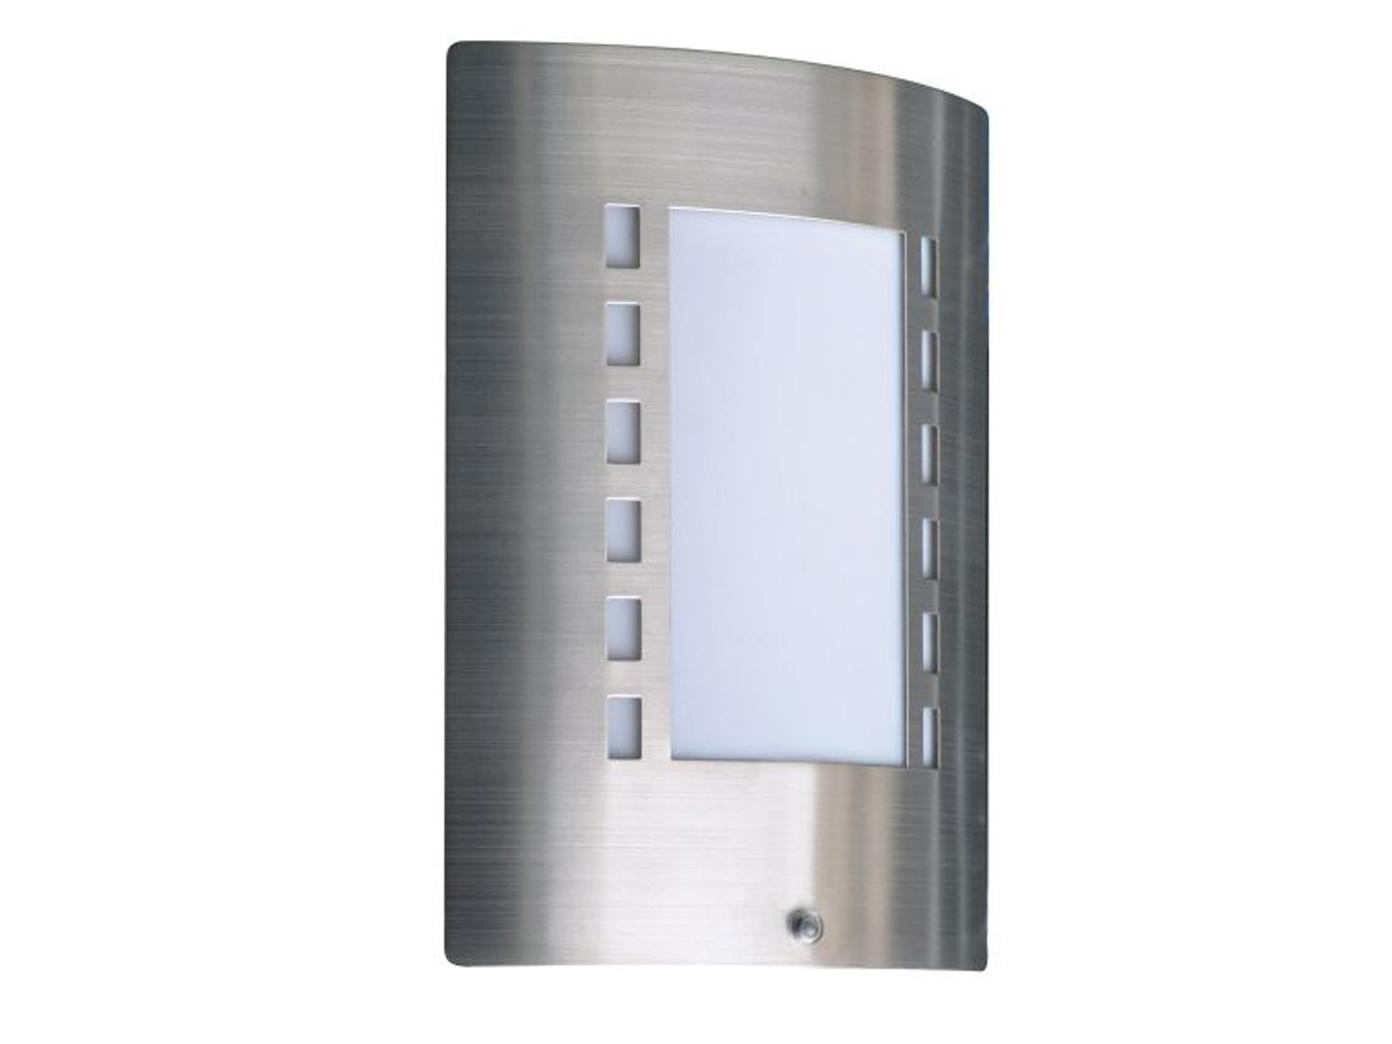 Extérieur Lampe murale capteur de lumière acier inoxydable//verre variateur ip44 ranex e27